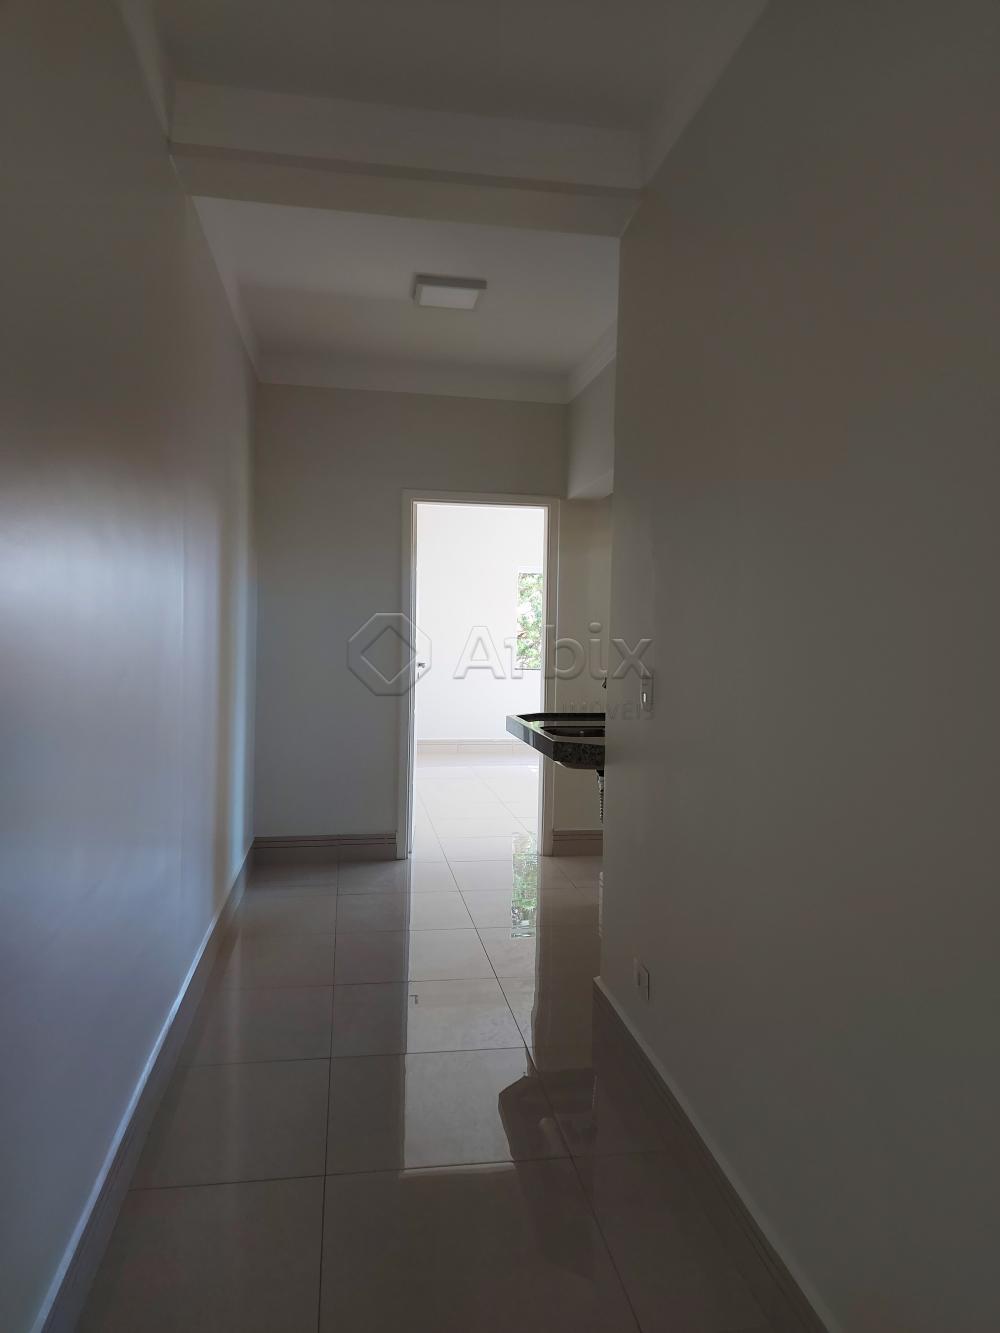 Alugar Comercial / Casa Comercial em Americana apenas R$ 4.500,00 - Foto 12